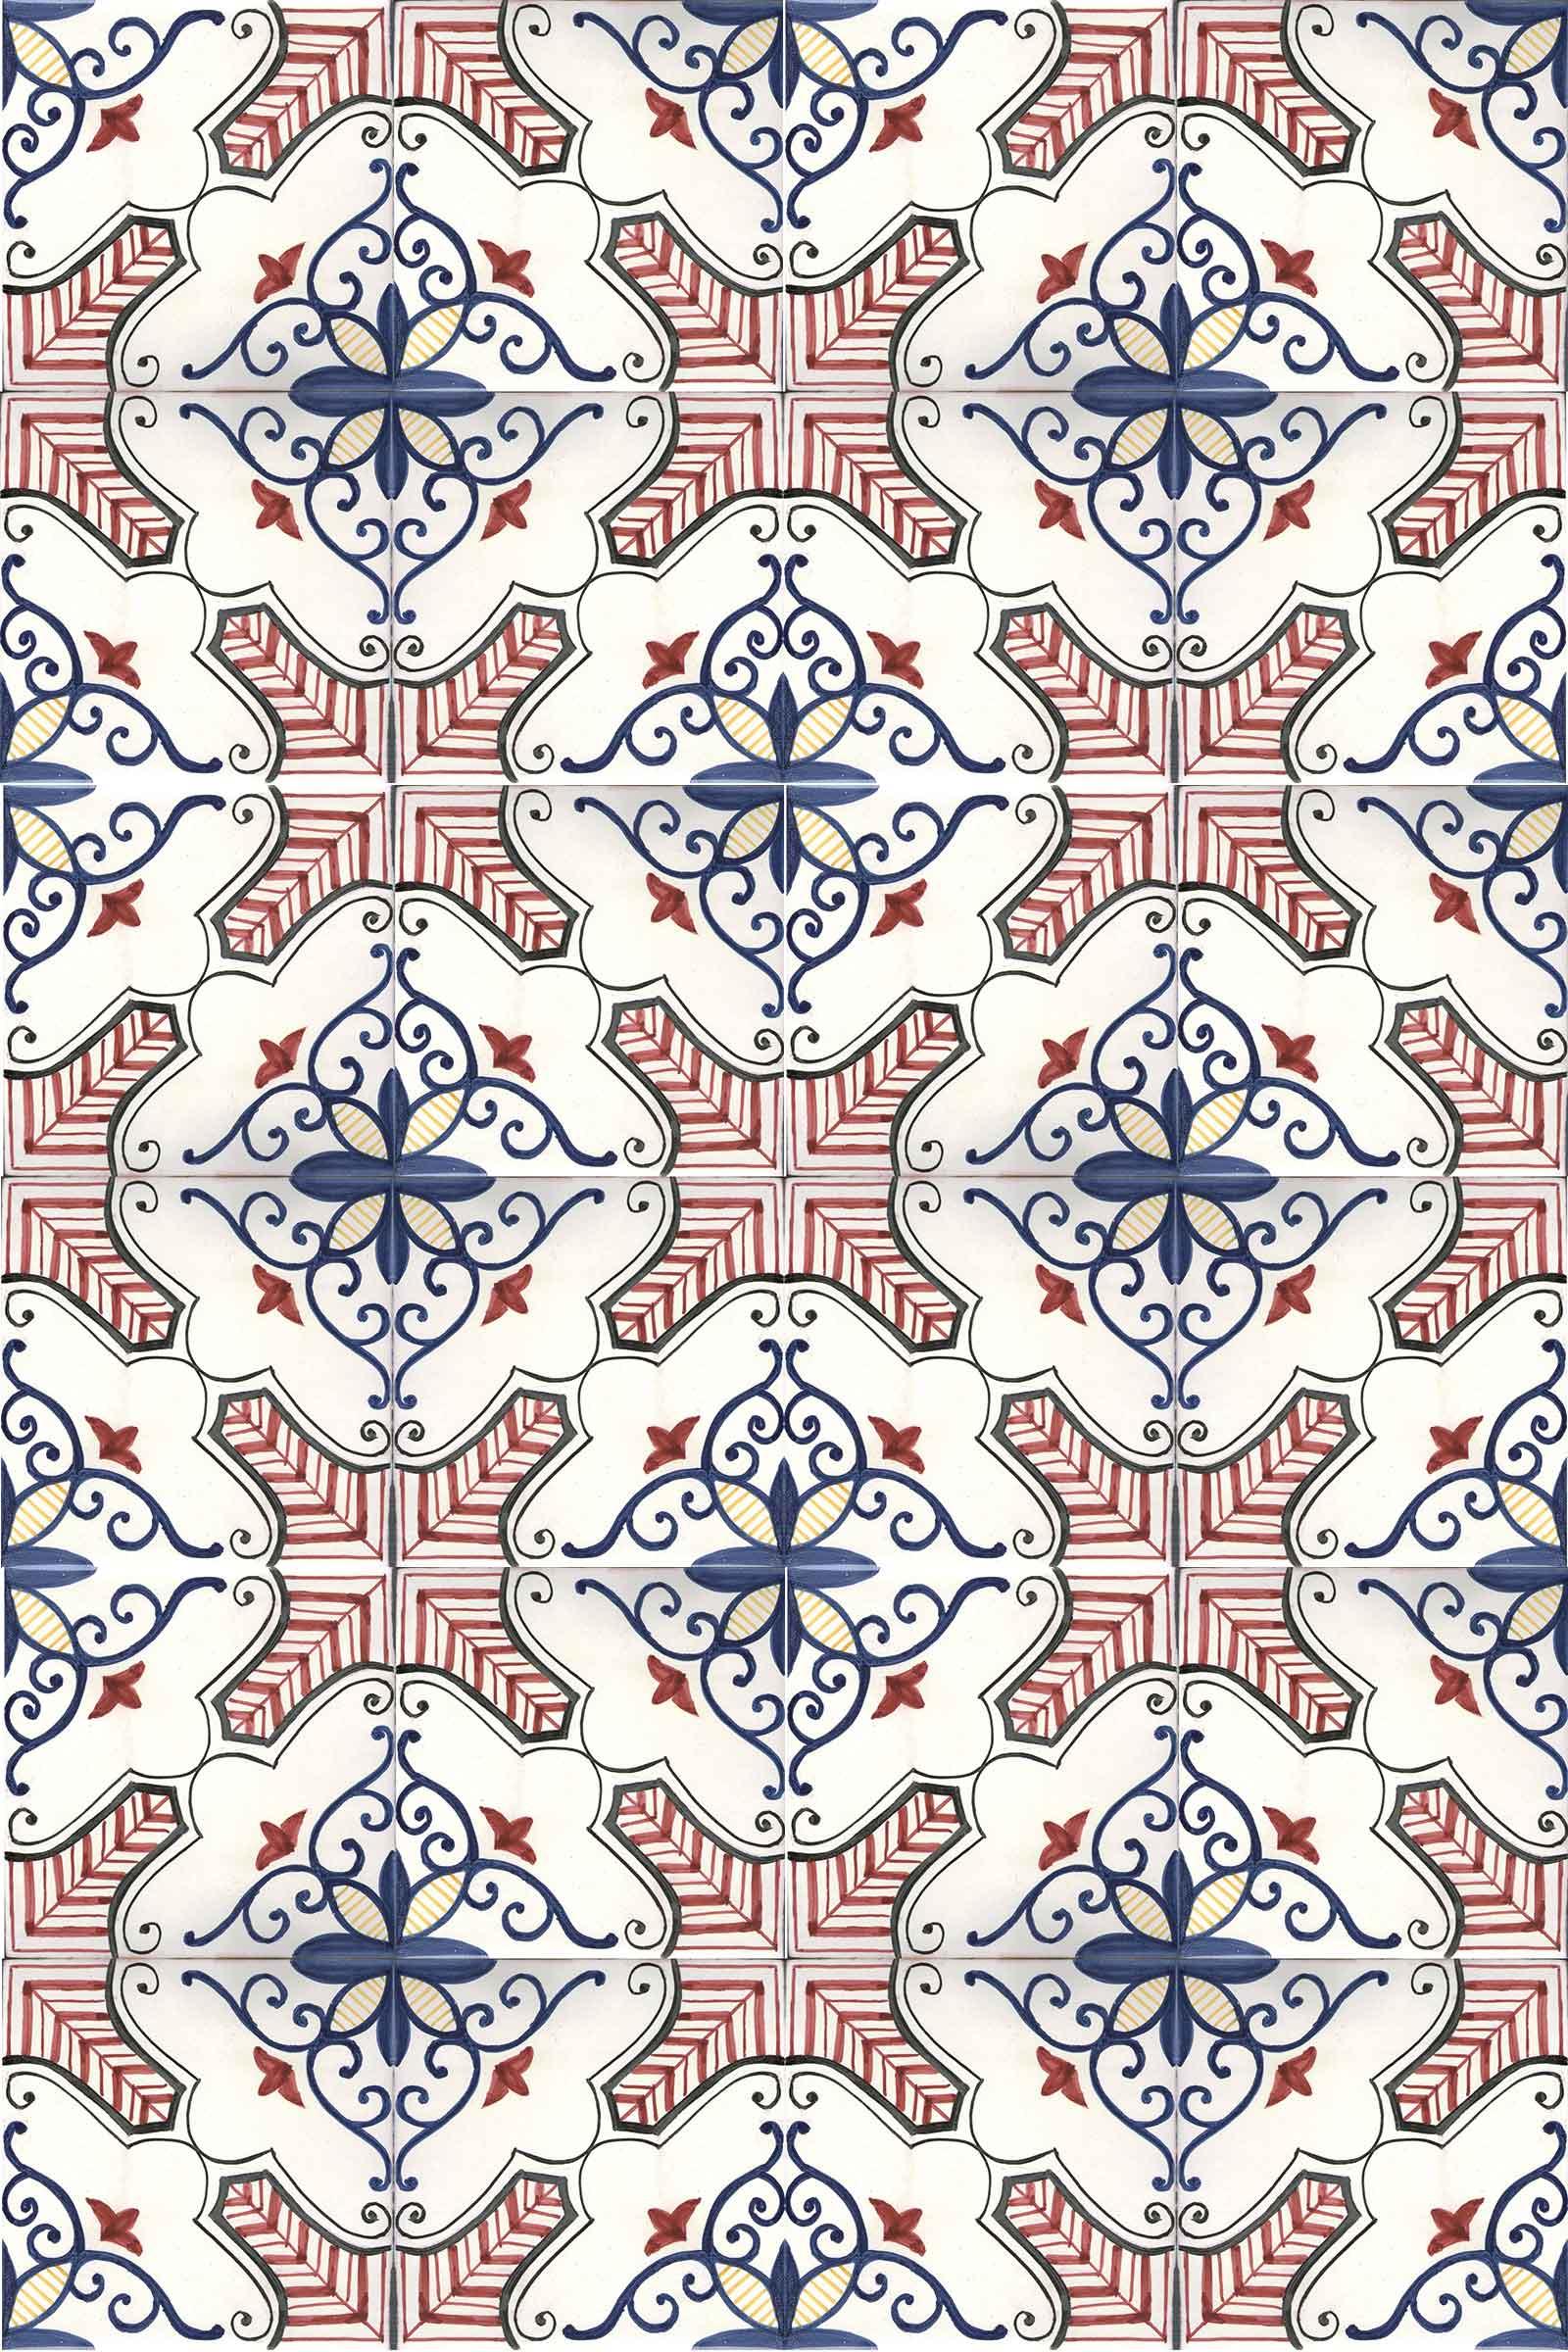 Piastrelle e mattonelle in ceramica di Vietri > SolimeneArt